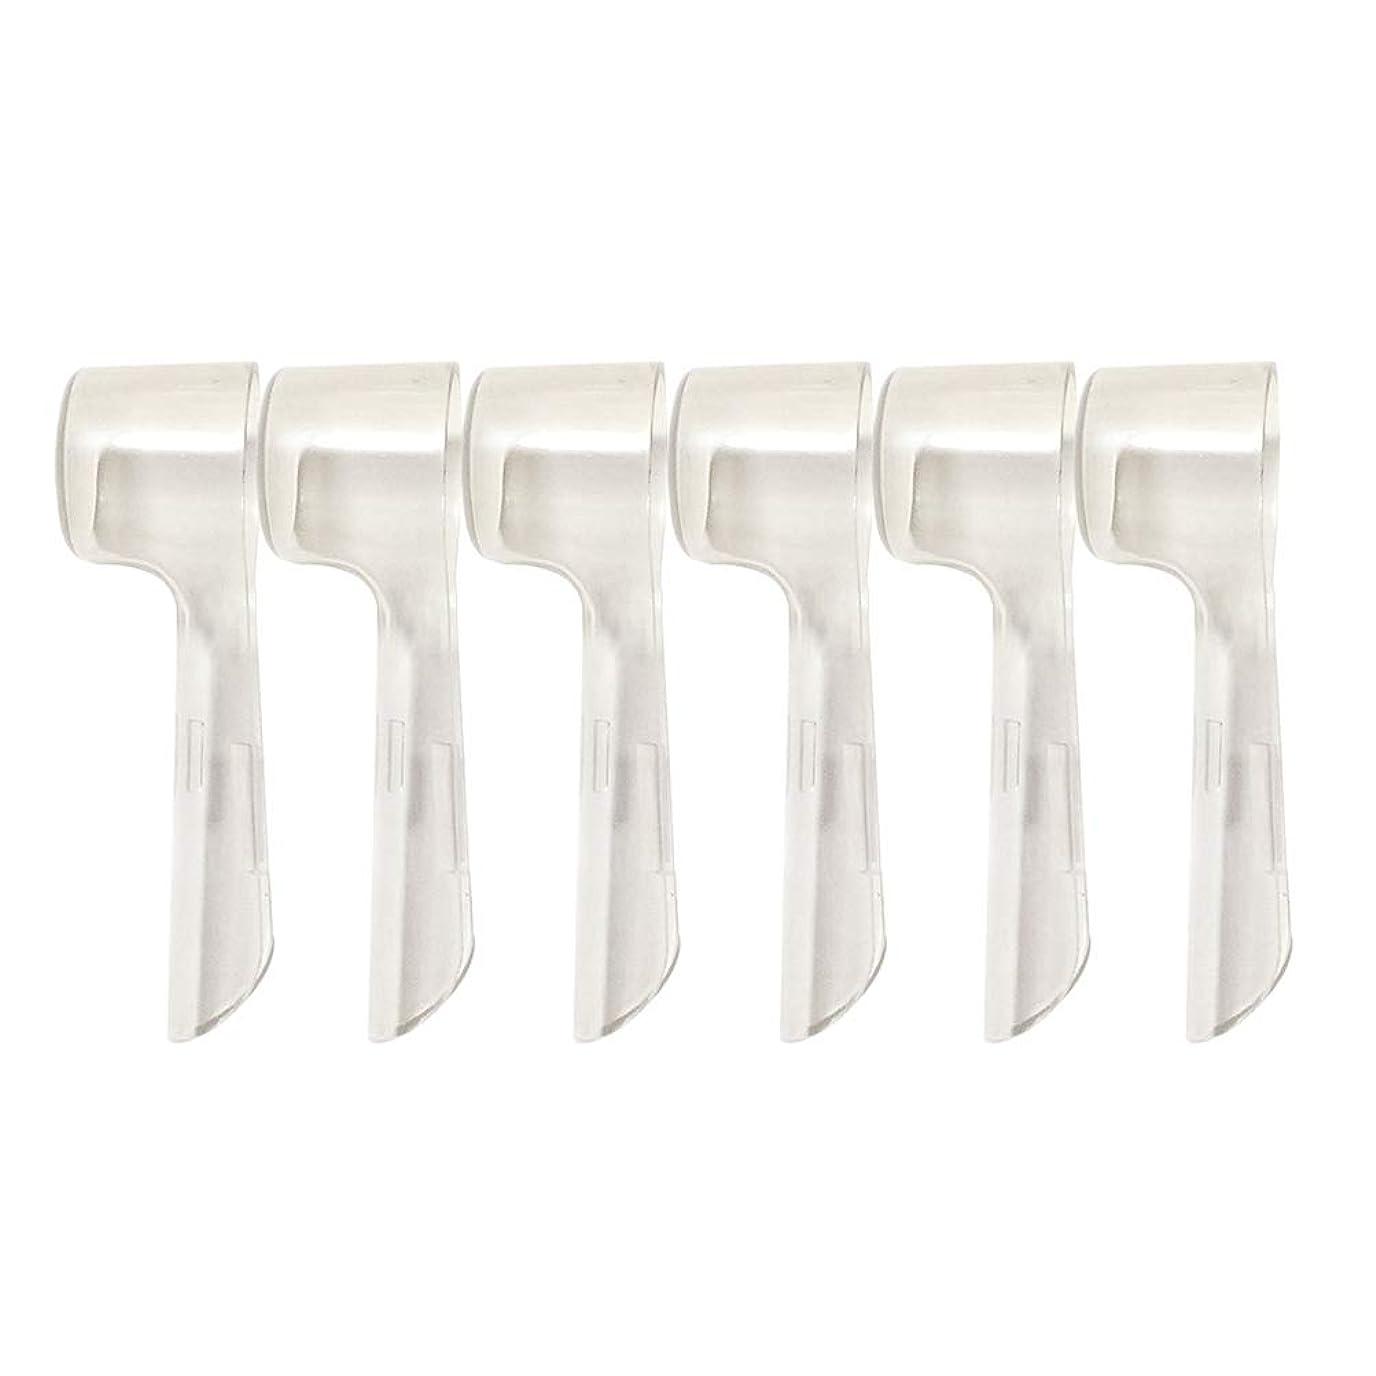 失業者セラフパトワHealifty 10本の歯ブラシカバー電動歯ブラシは旅行やその他の衛生に便利です。